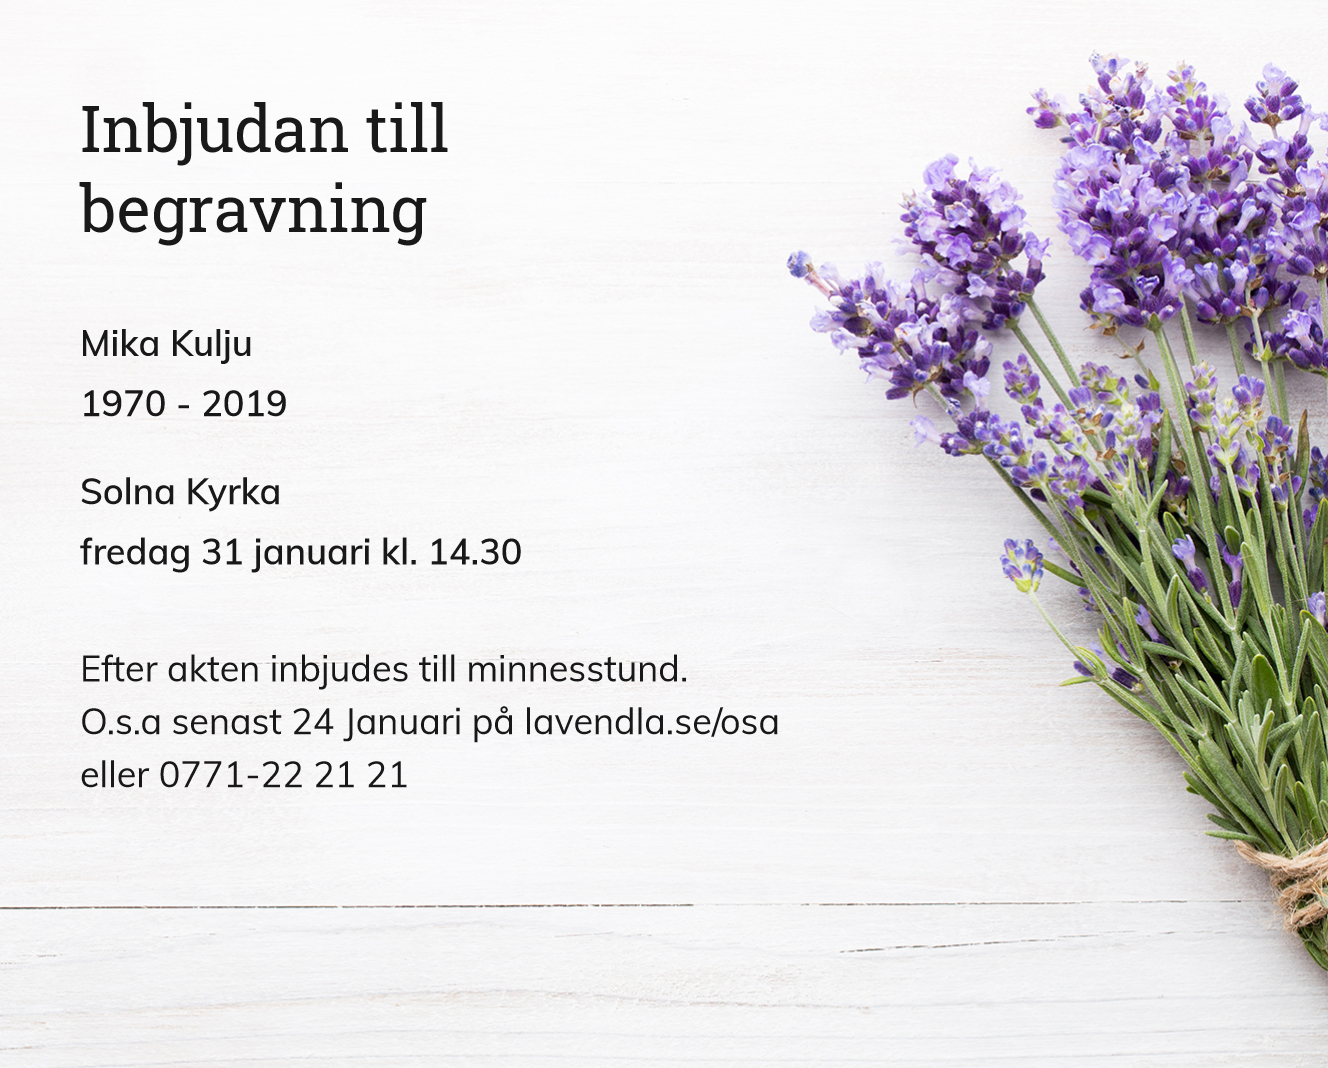 Inbjudningskort till ceremonin för Mika Kulju